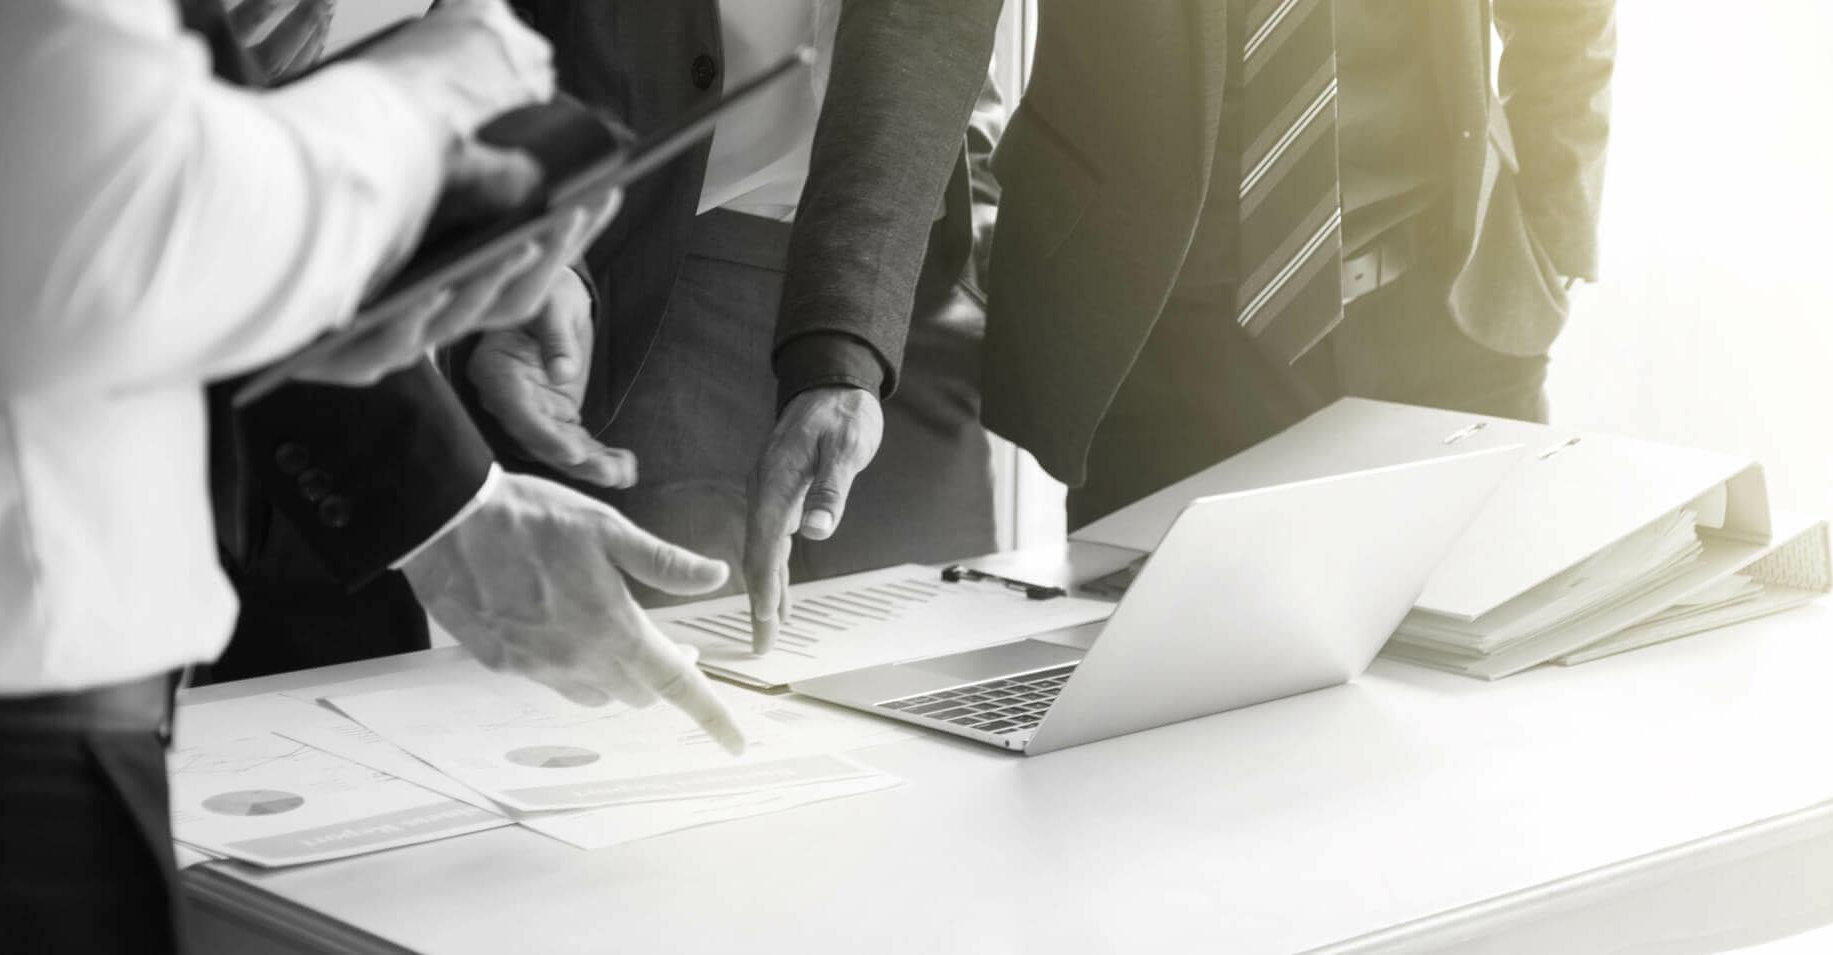 Toegang tot het meest complete connectiviteitsportfolio in de markt én een uniek partnerprogramma